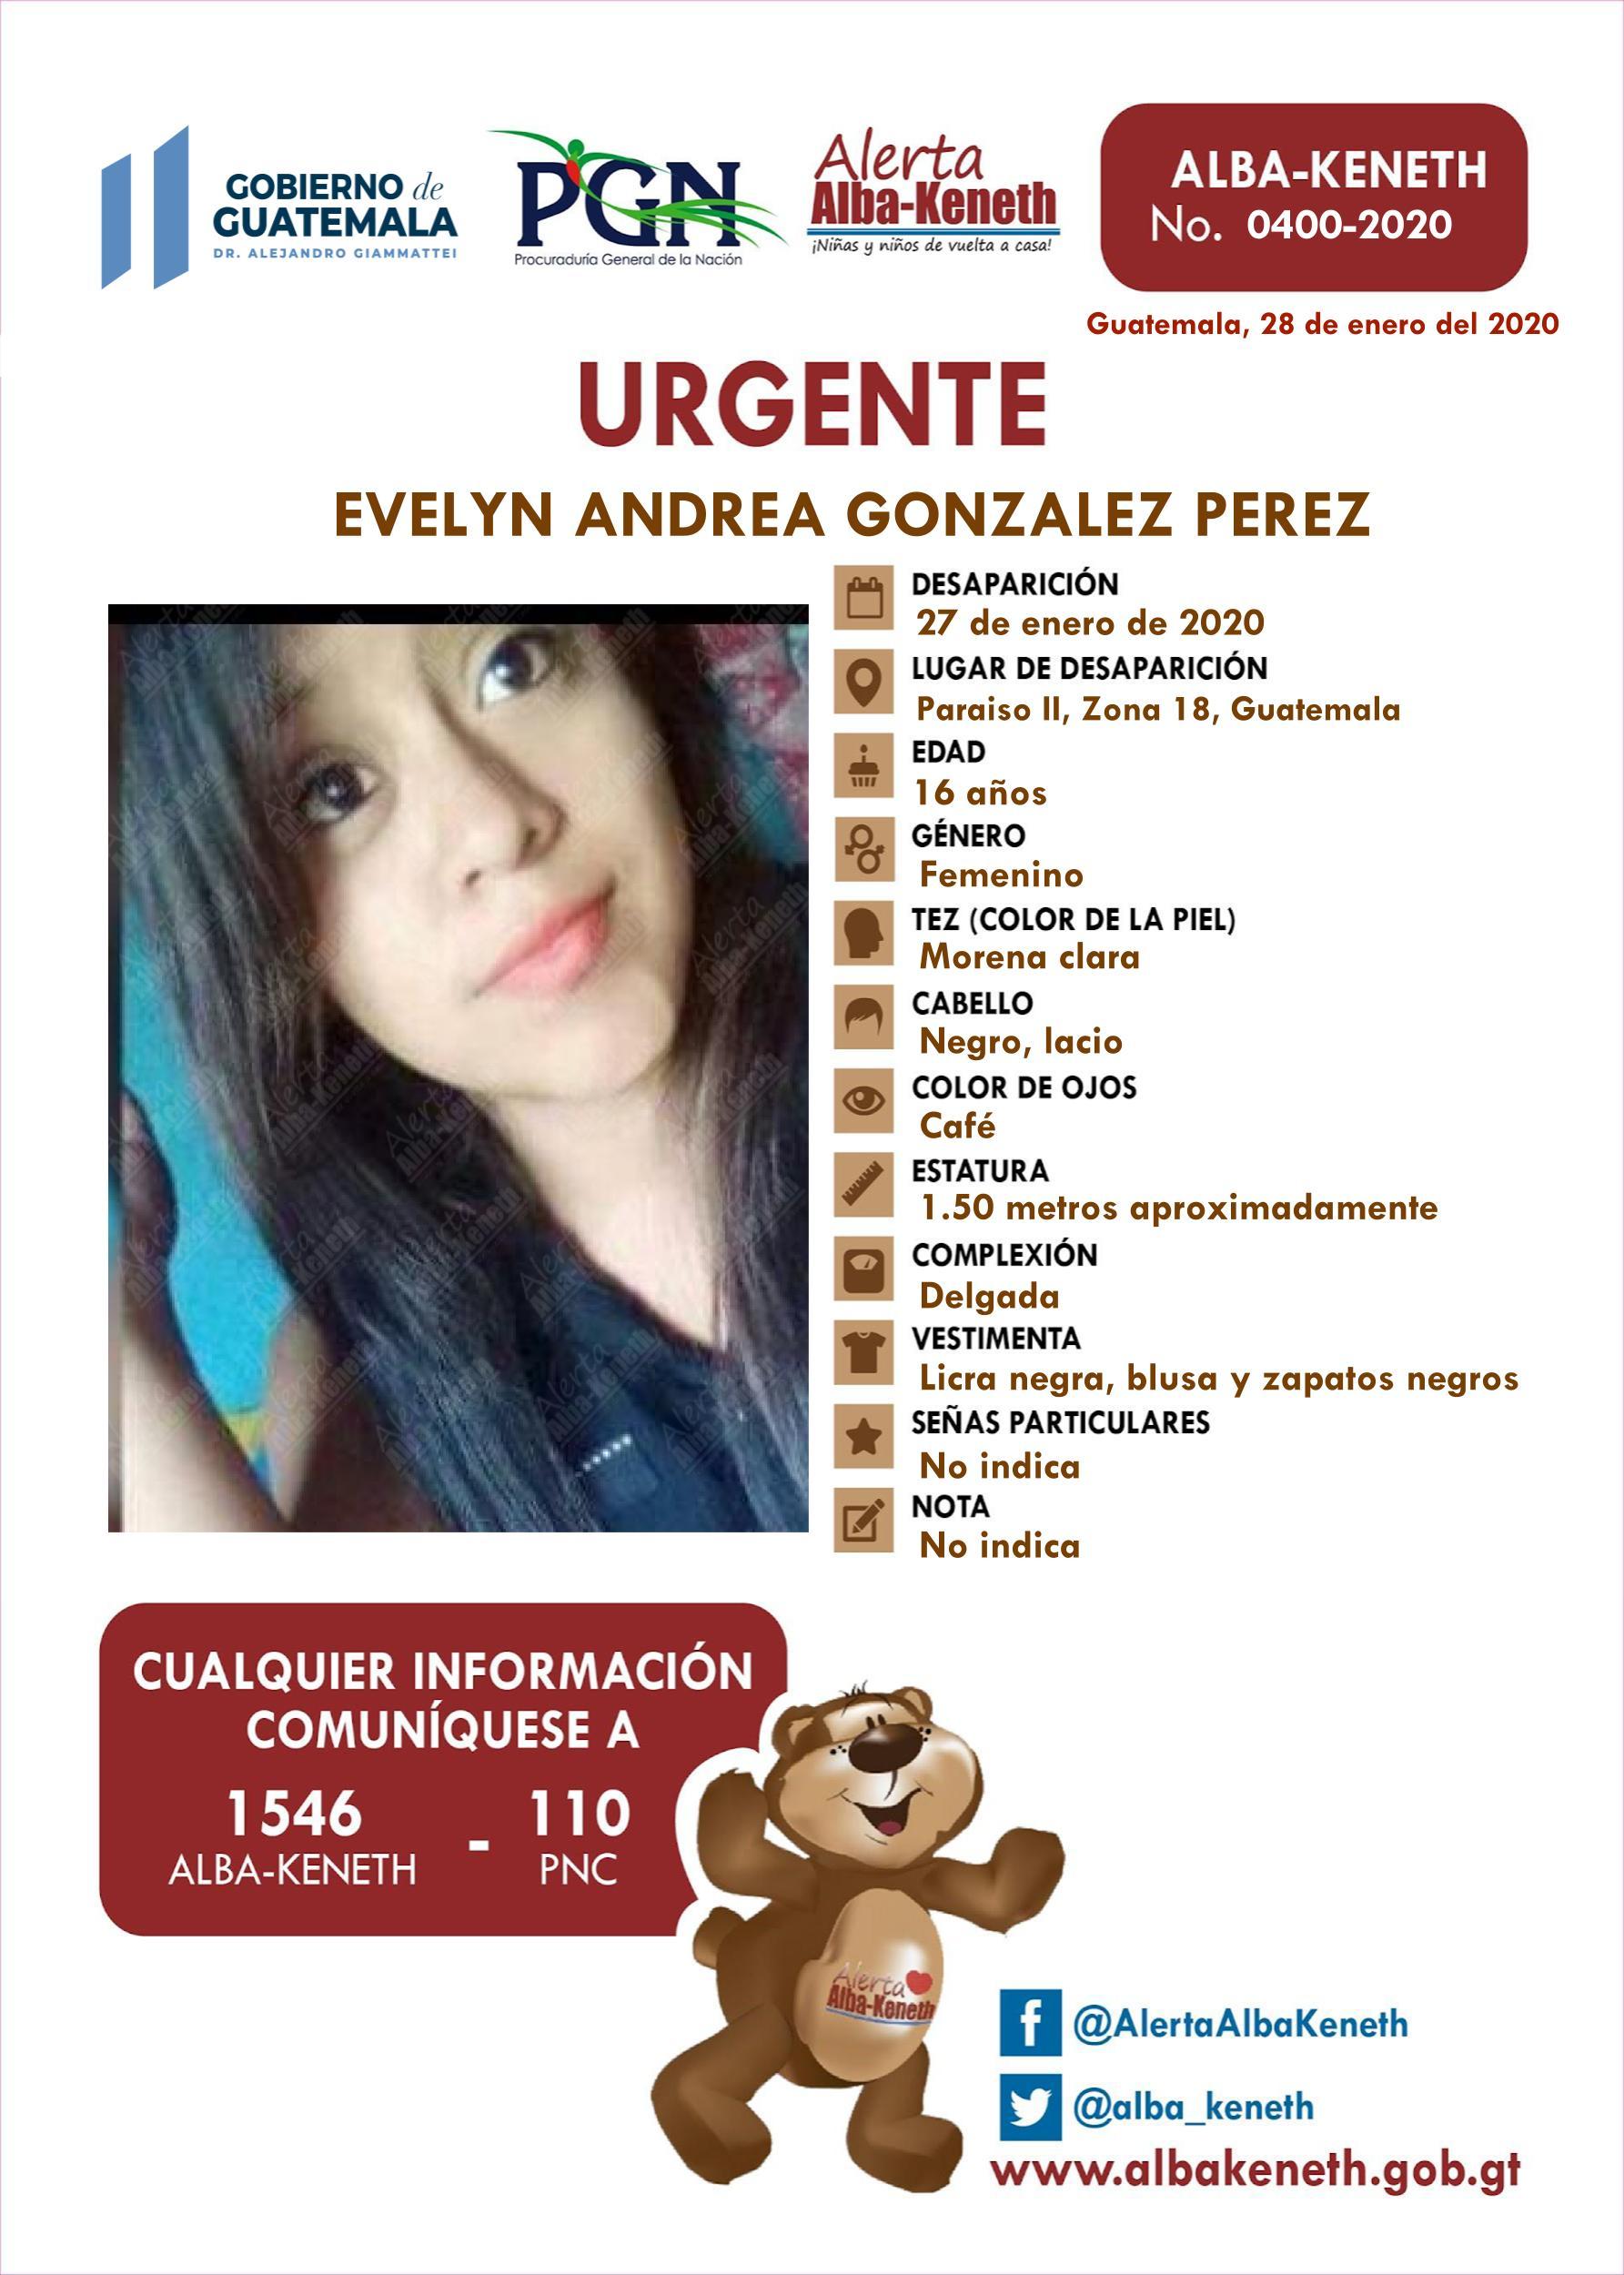 Evelyn Andrea Gonzalez Perez